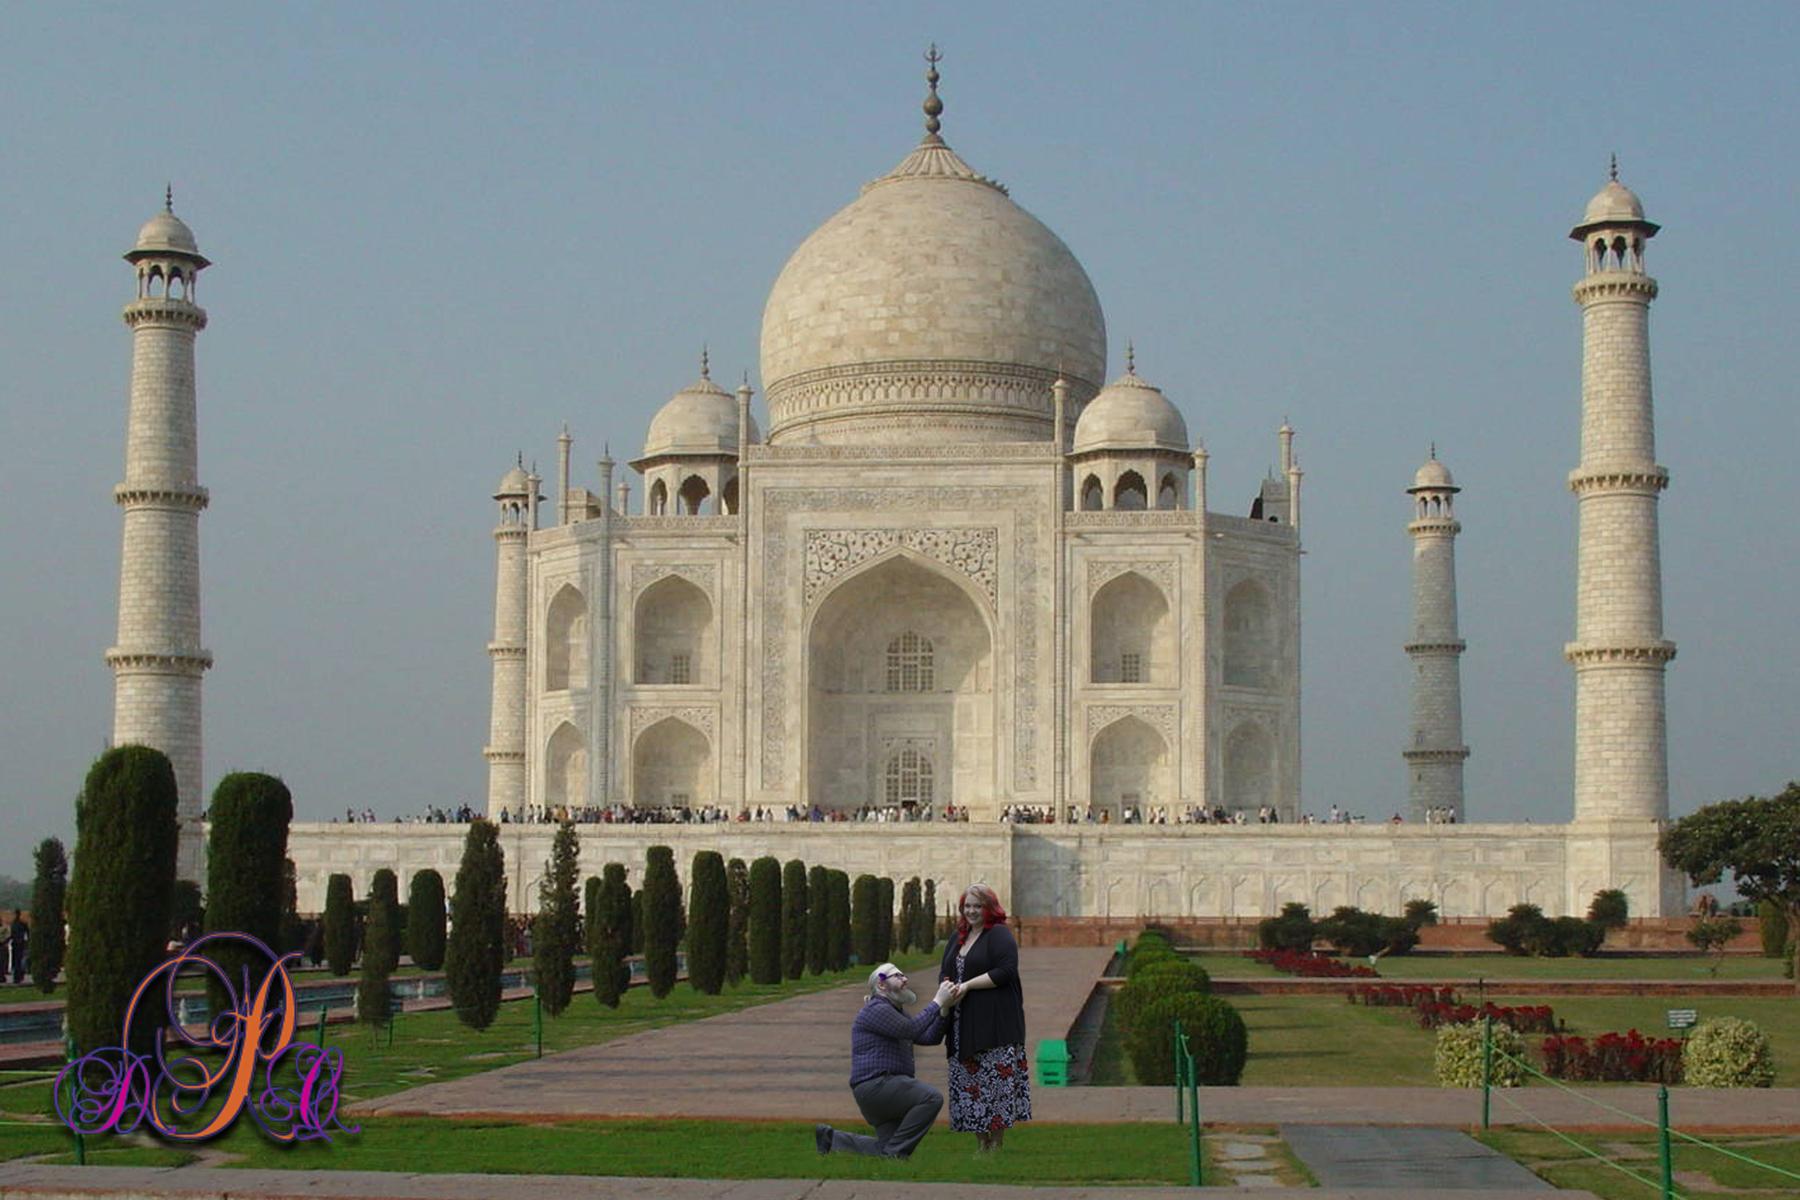 Foto keajaiban dunia 2010 80